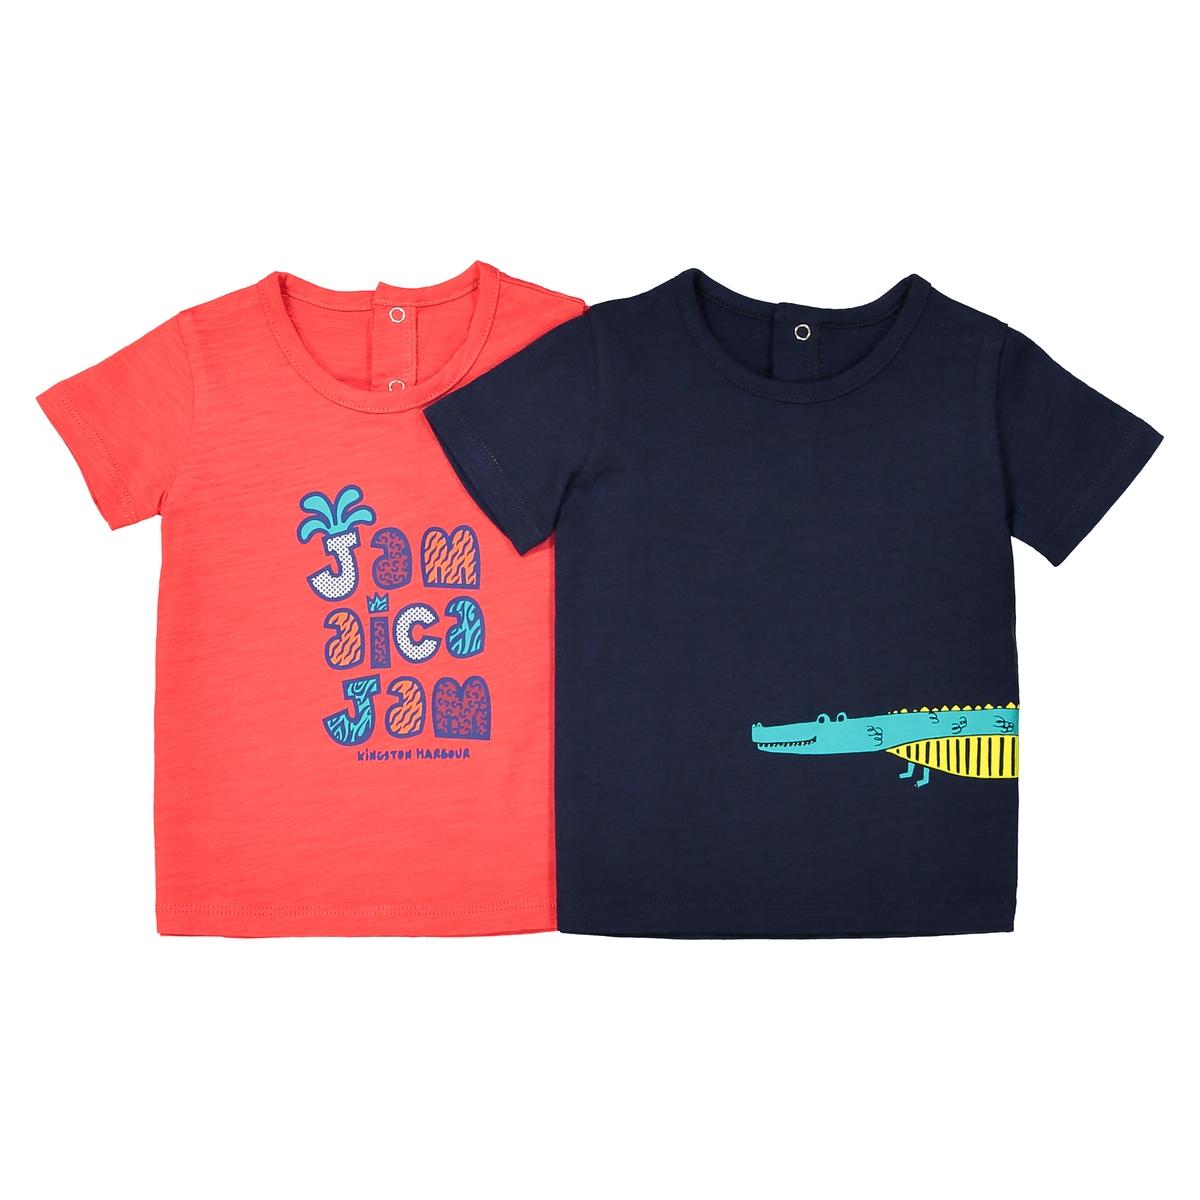 Комплект из 2 футболок с круглым вырезом, знак Oeko Tex, 1 мес. - 3 года комплект из 4 футболок 1 мес 3 года oeko tex